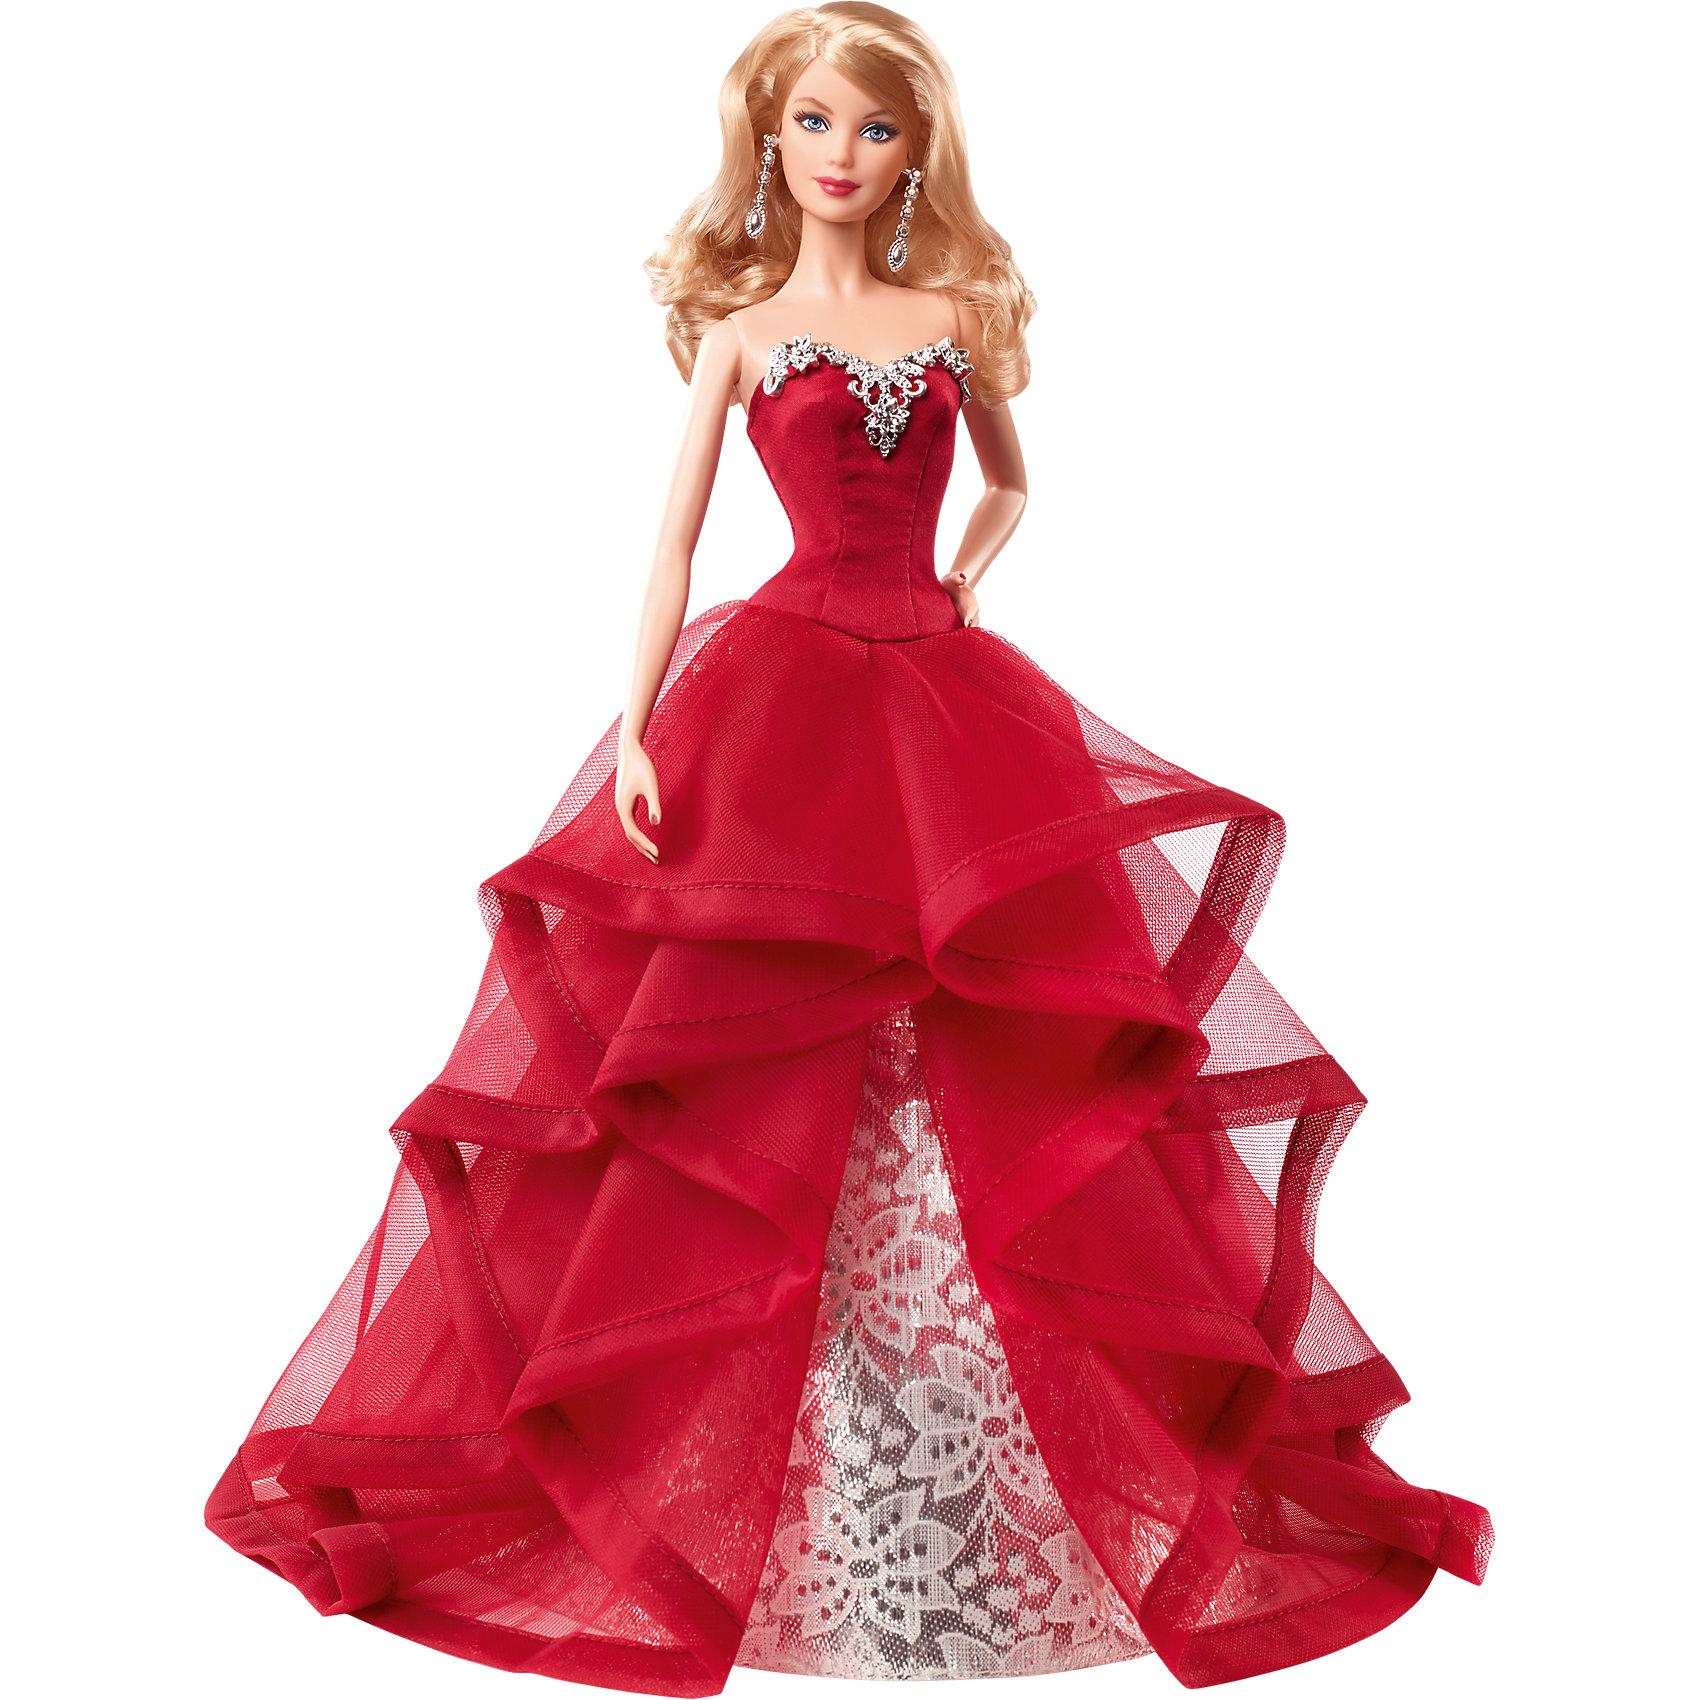 Коллекционная праздничная кукла 2015, Barbie